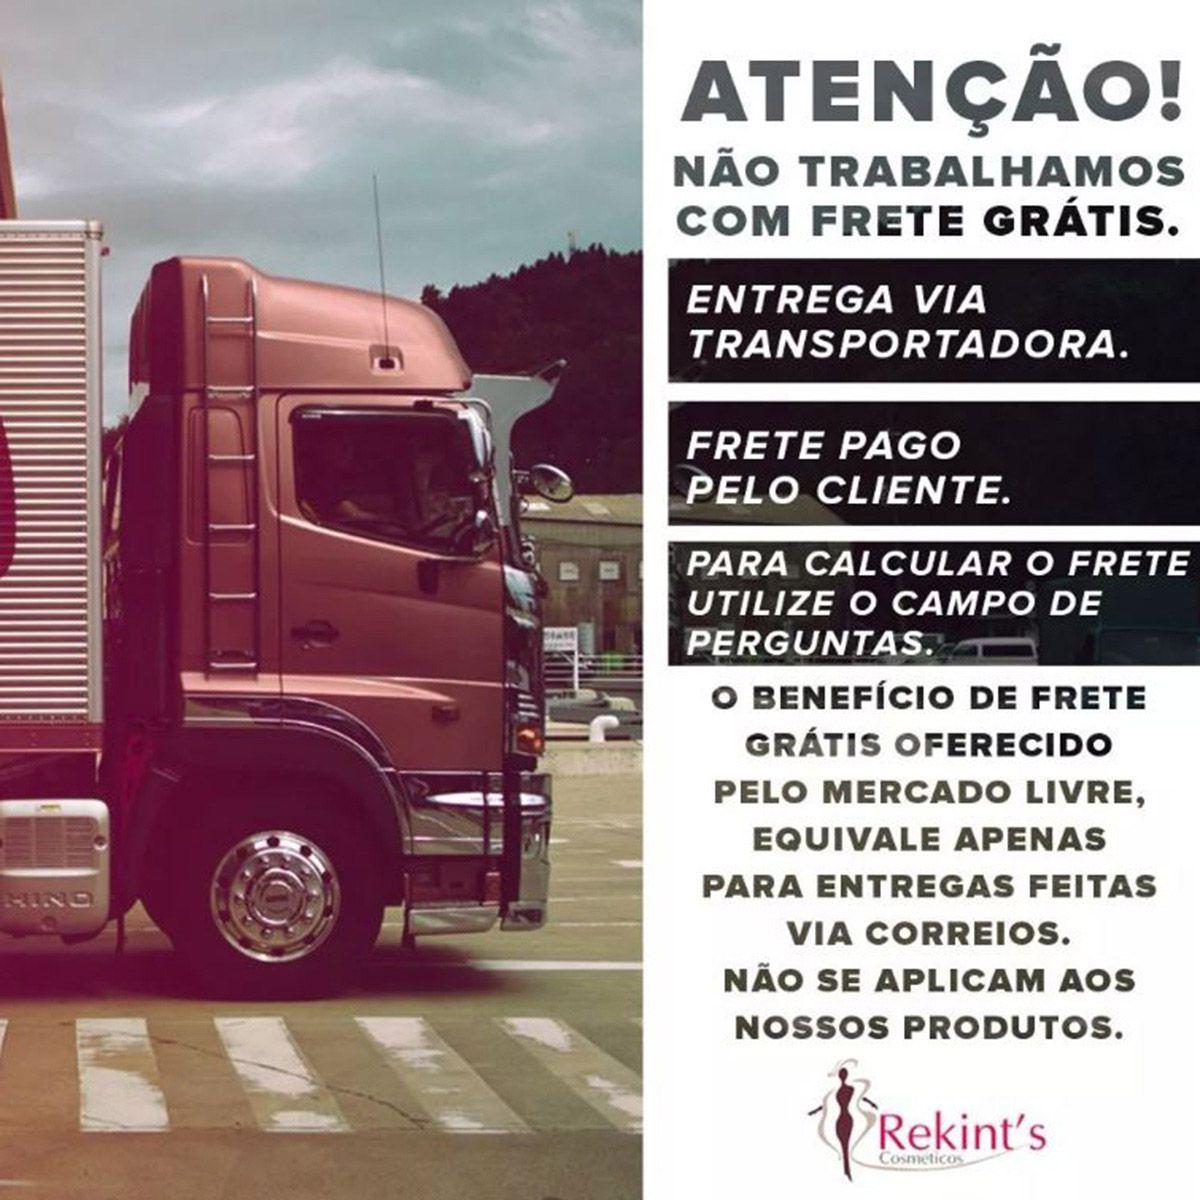 Evidence Preto - Cadeira Reclinável Para Salão + Lavatório Cuba Porcelana